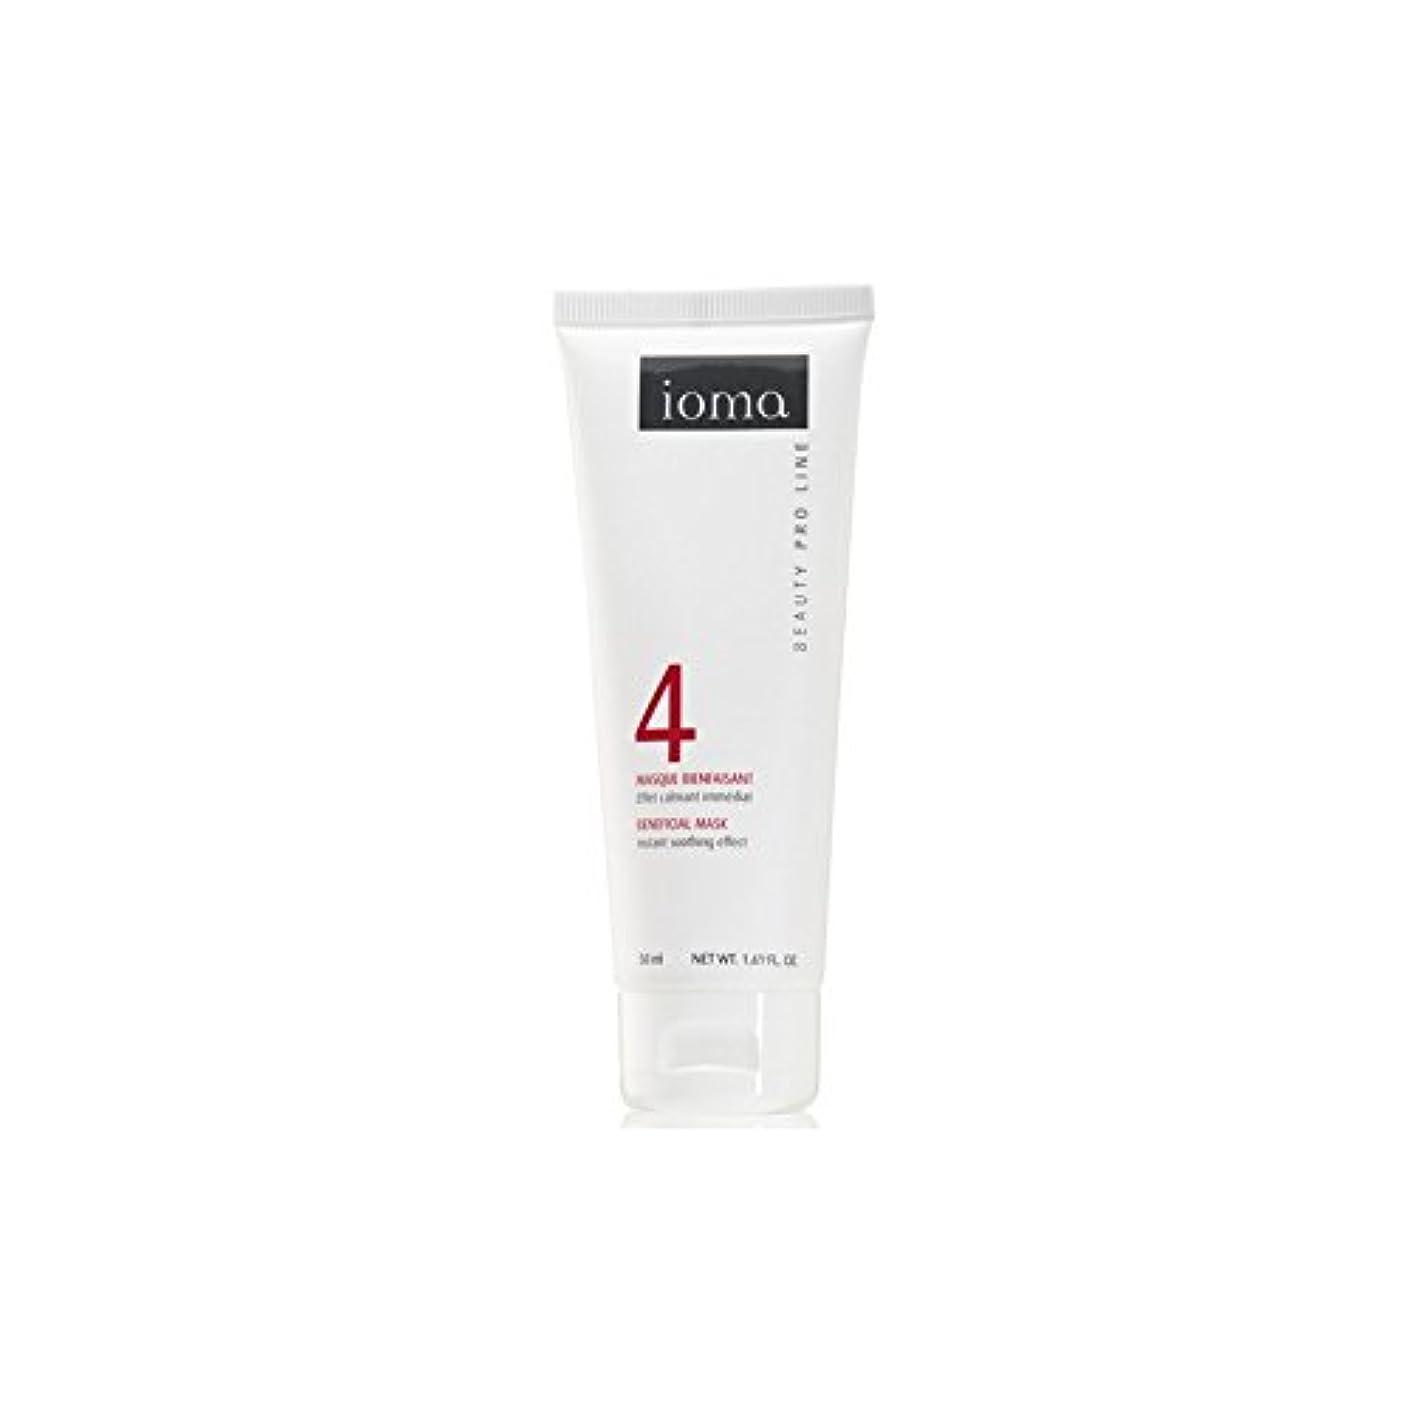 表面的なフロンティア消毒剤有益なマスク50ミリリットル x2 - Ioma Beneficial Mask 50ml (Pack of 2) [並行輸入品]